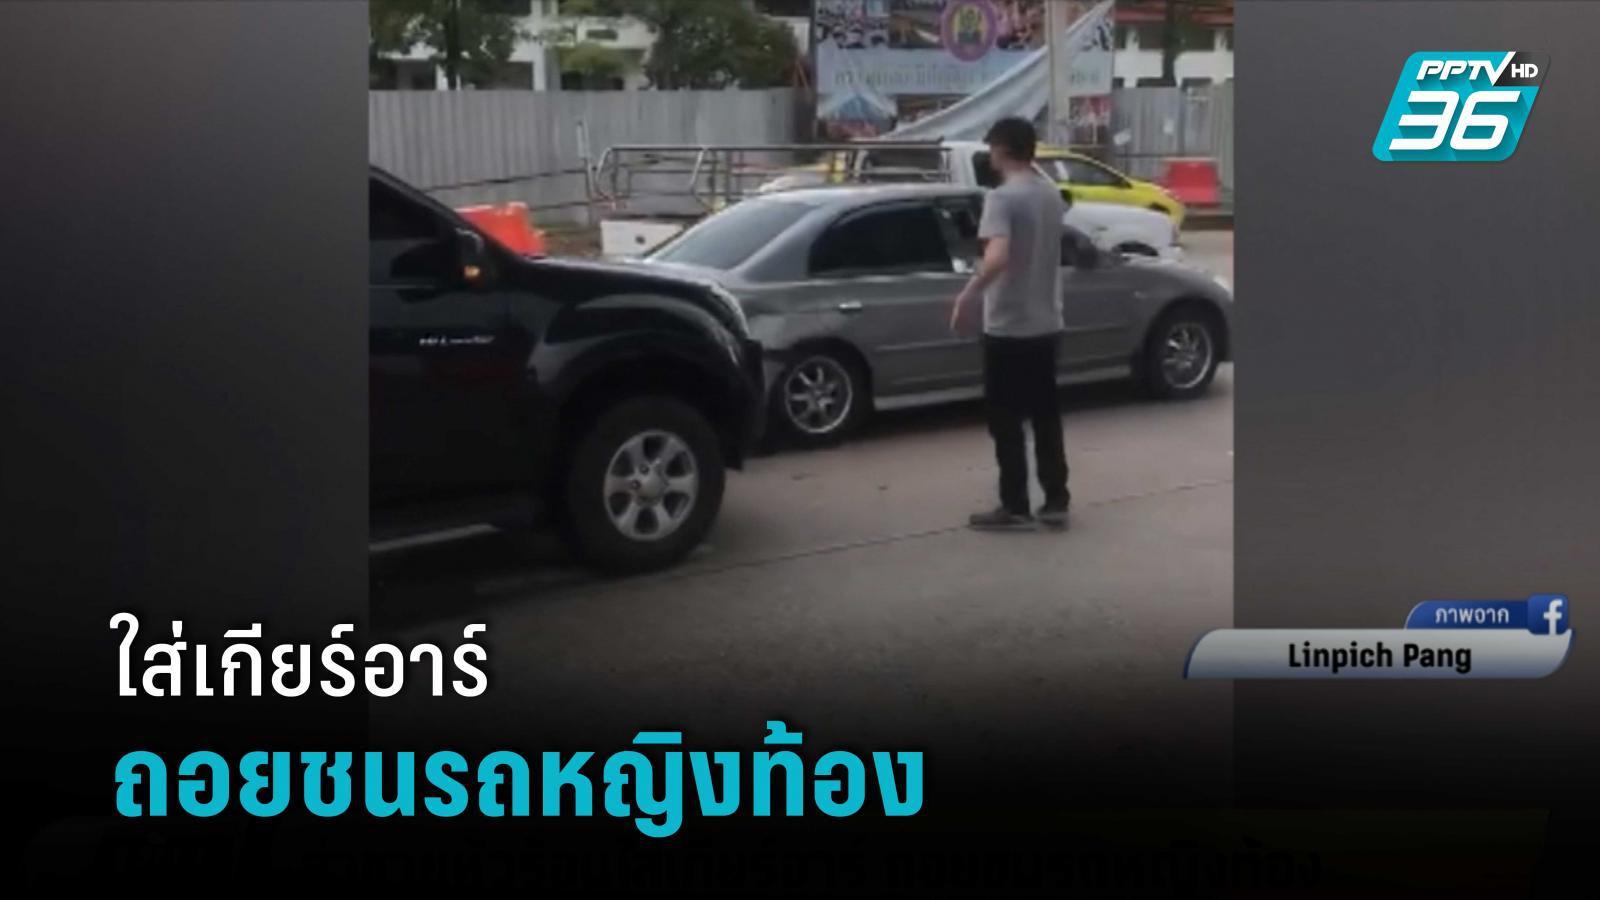 ล่าชายหัวร้อนใส่เกียร์อาร์ ถอยชนรถหญิงท้อง   เข้มข่าวเย็น